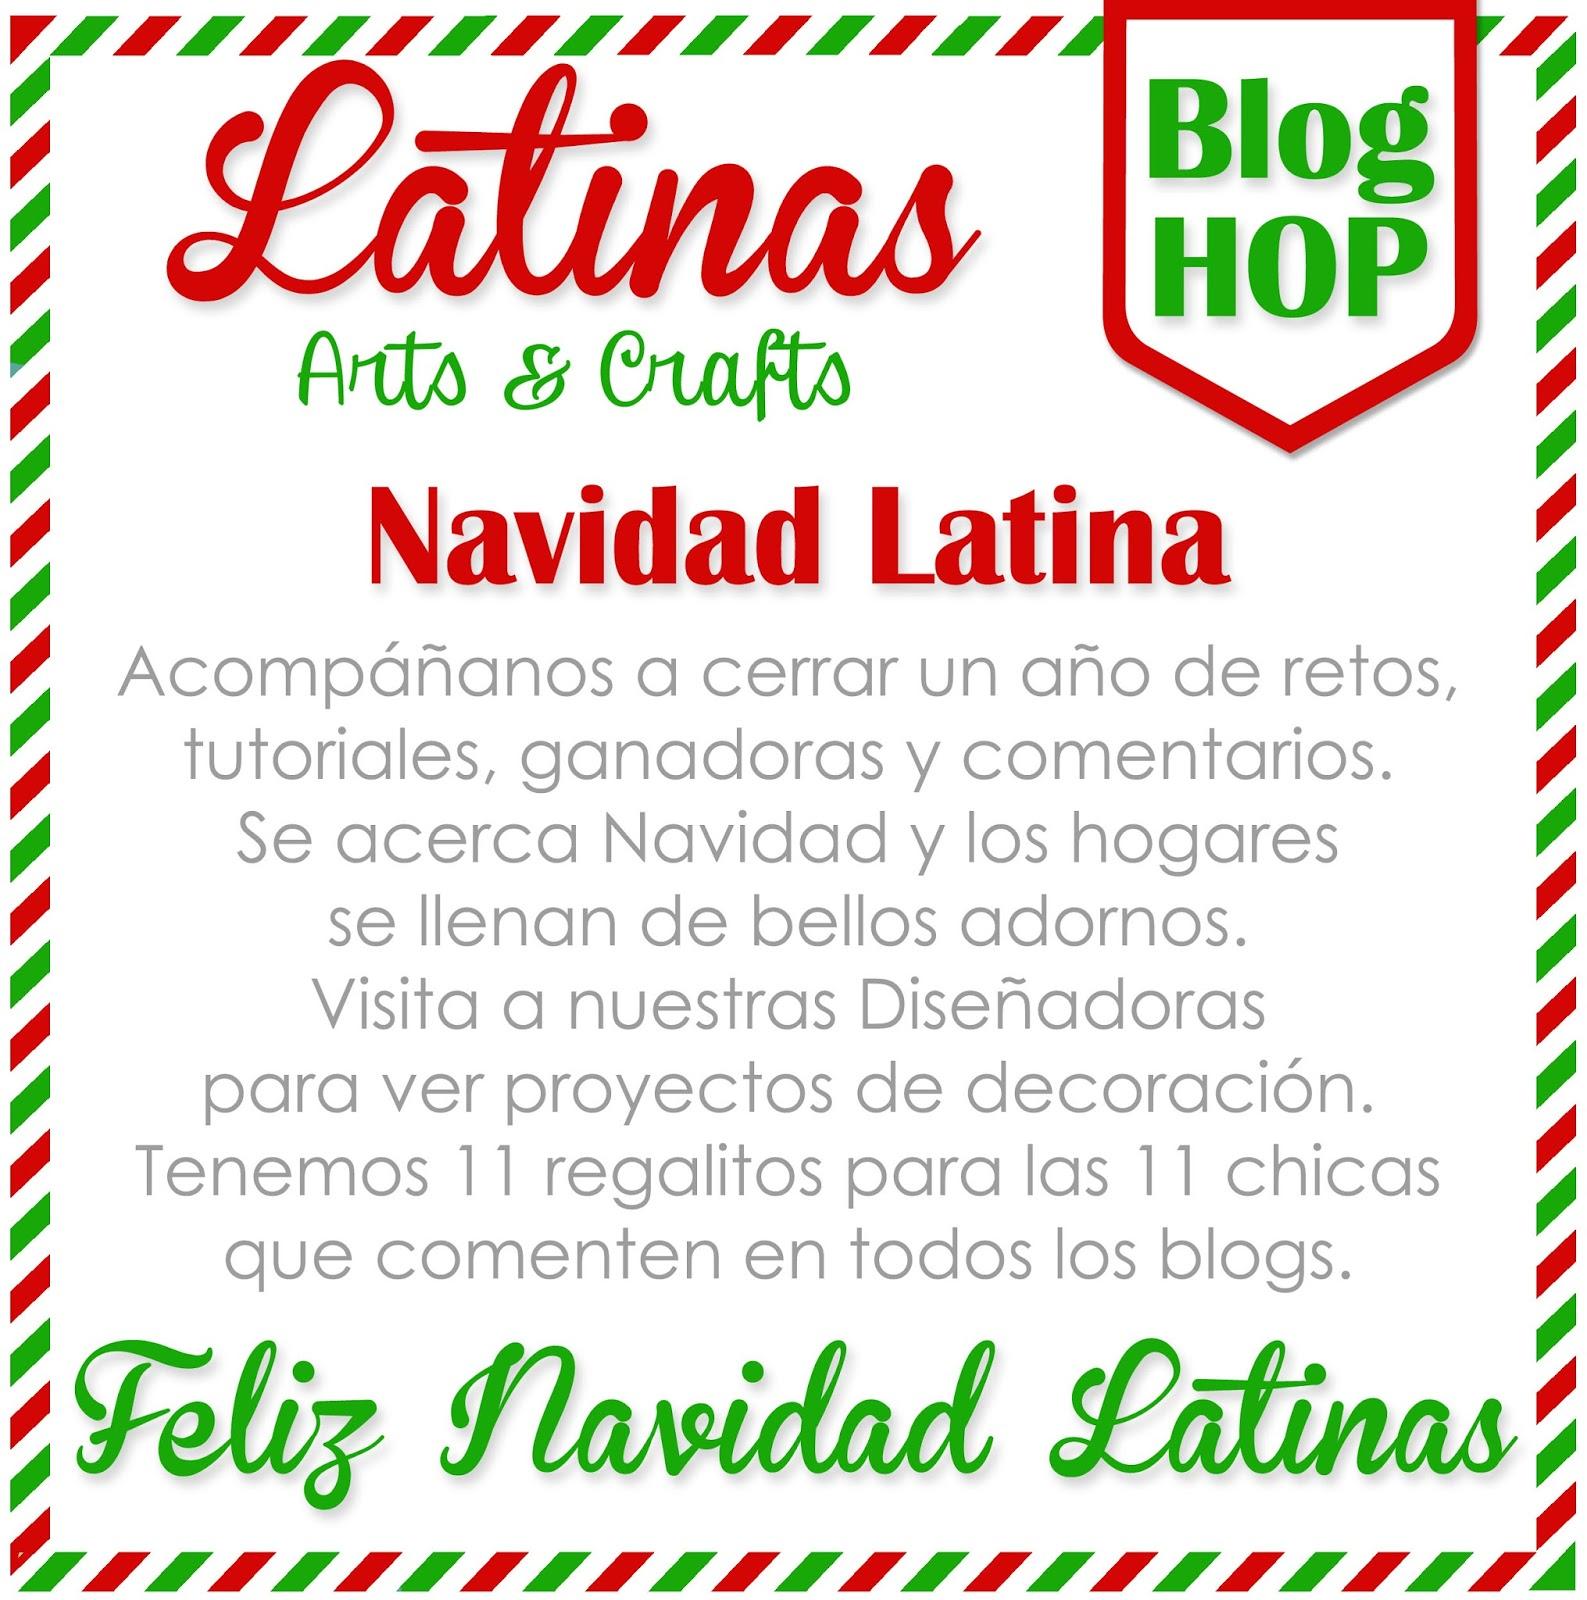 Feliz Navidad Siempre Asi.Scrapandome Con Los Recuerdos Blog Hop Navidad Latina